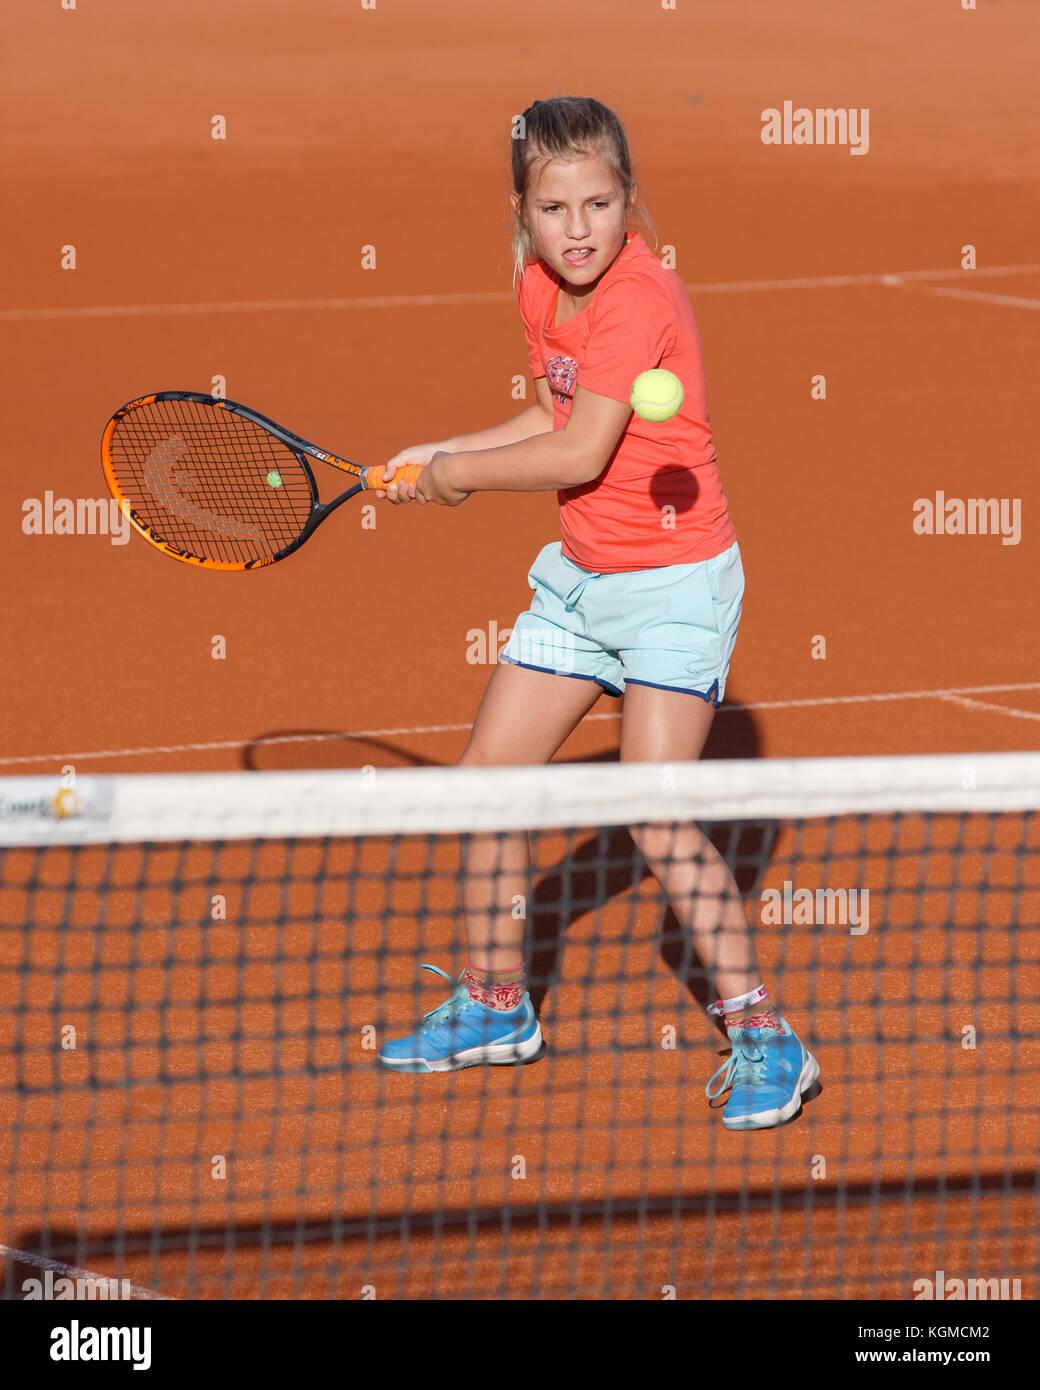 Joven (8)0 jugar tenis Imagen De Stock